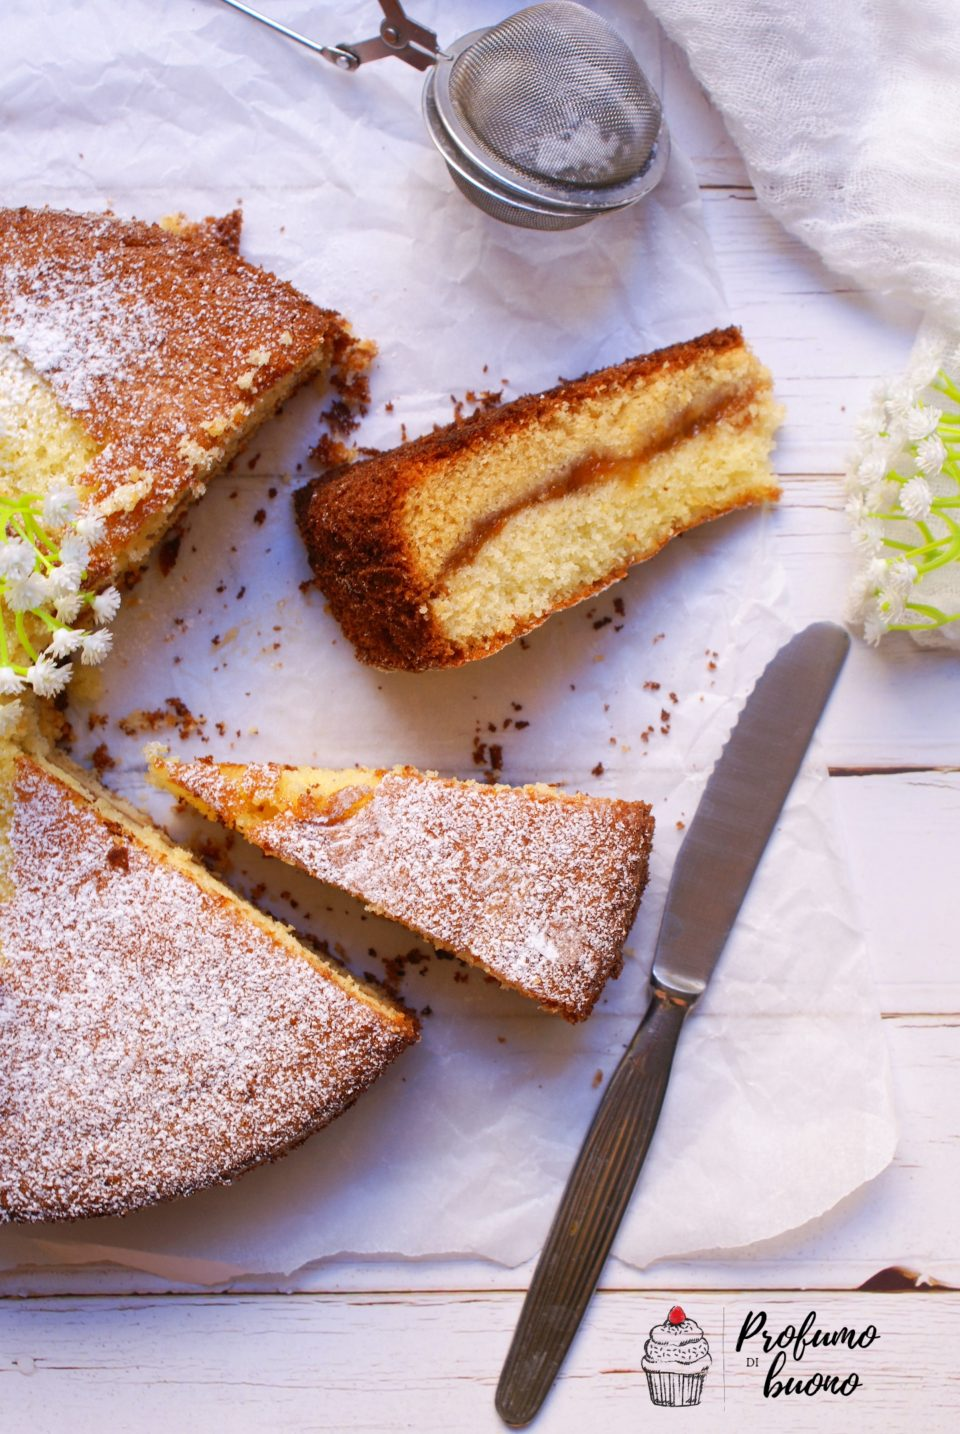 Torta versata senza glutine alla marmellata di albicocche ricoperta di zucchero a velo